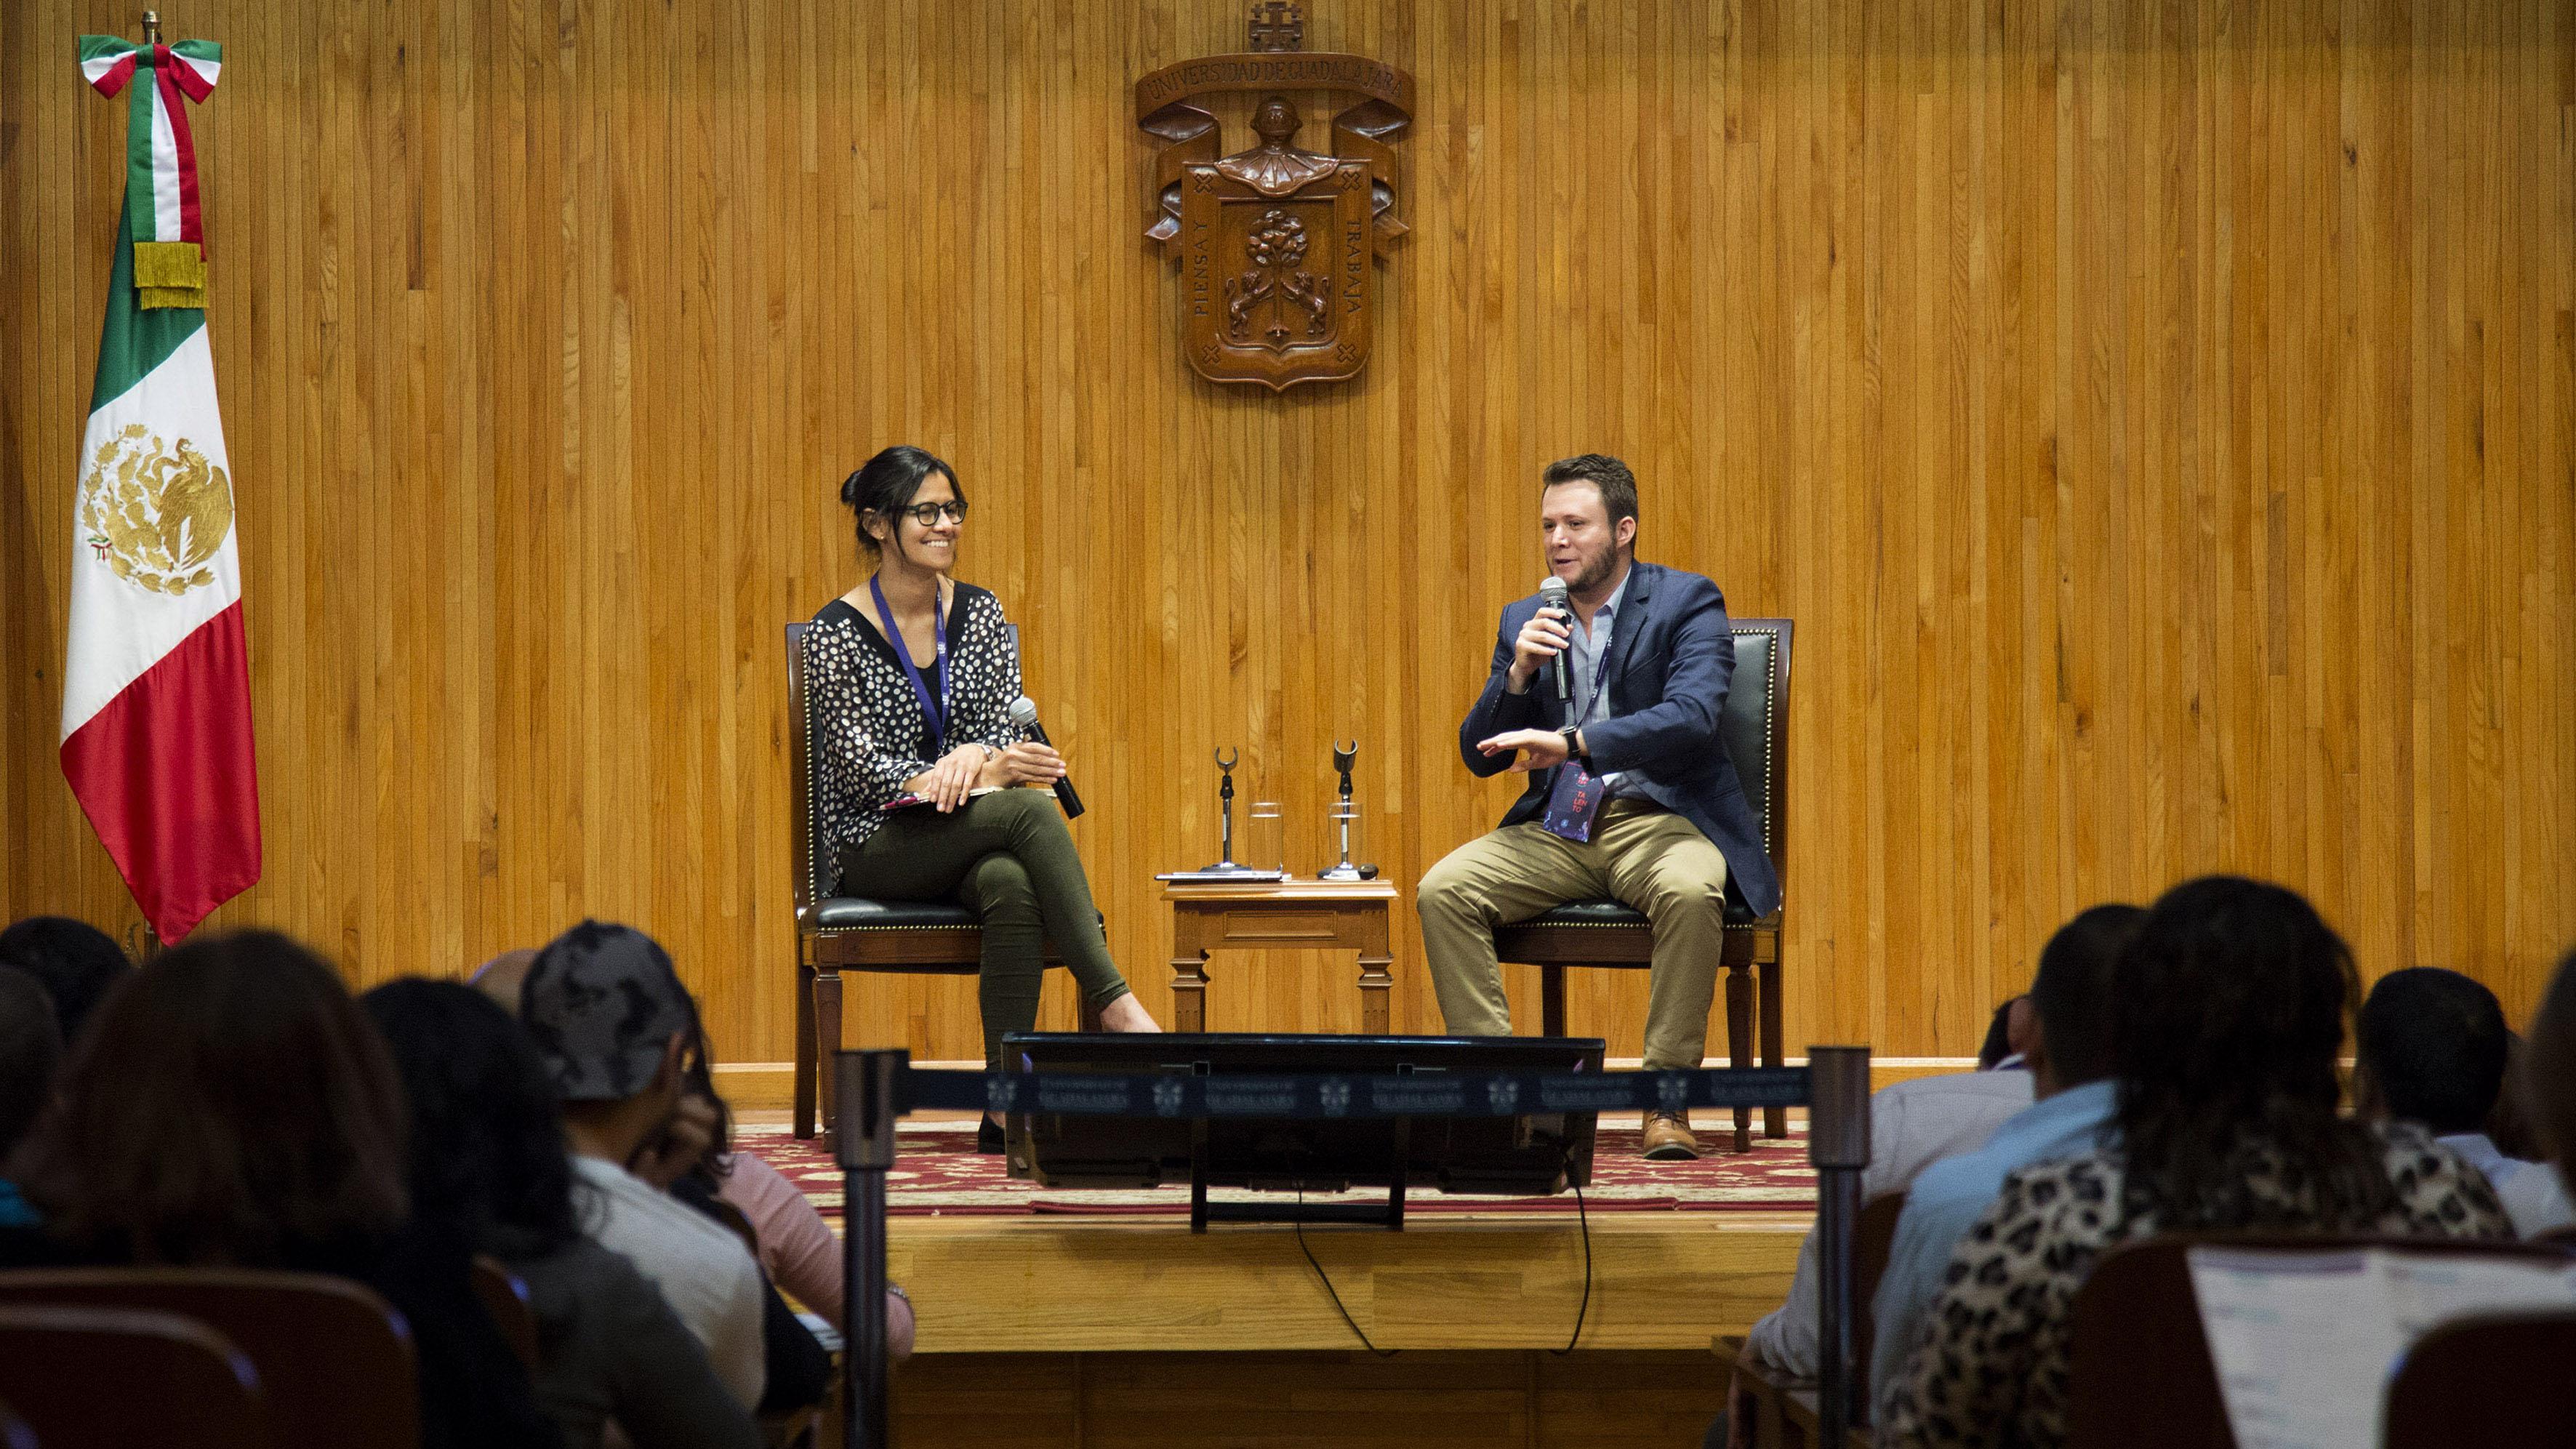 Charla de apertura del III Encuentro Latinoamericano de Innovación Social desde el Sector Público (ELIS), llevado a cabo en el Paraninfo Enrique Díaz de Léon